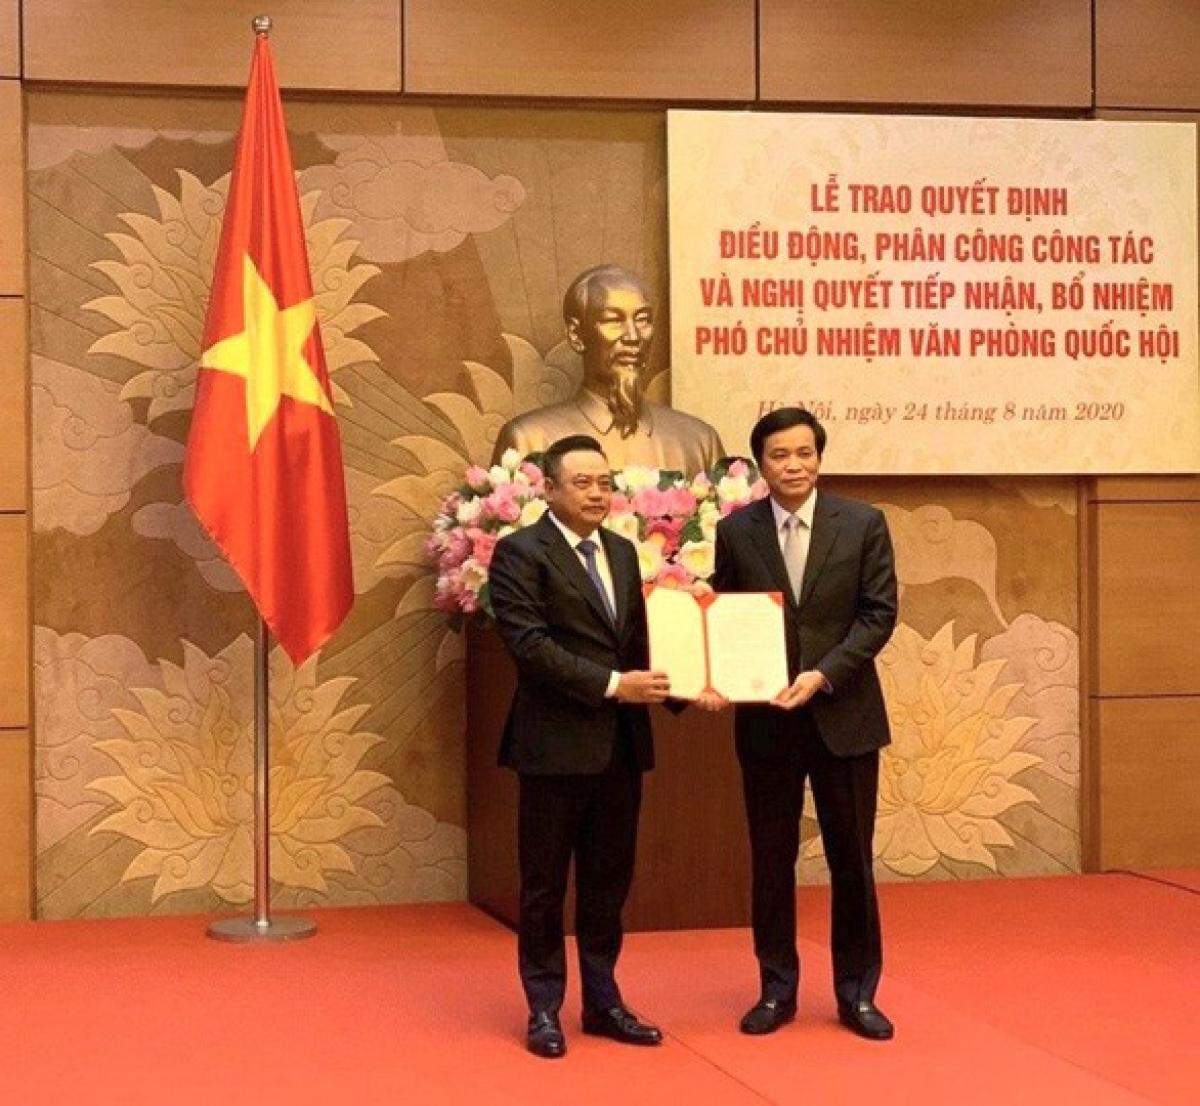 Chủ nhiệm Văn phòng Quốc hội, Tổng thư ký Quốc hội Nguyễn Hạnh Phúc trao nghị quyết bổ nhiệm cho tân Phó Chủ nhiệm Văn phòng Quốc hội Trần Sỹ Thanh